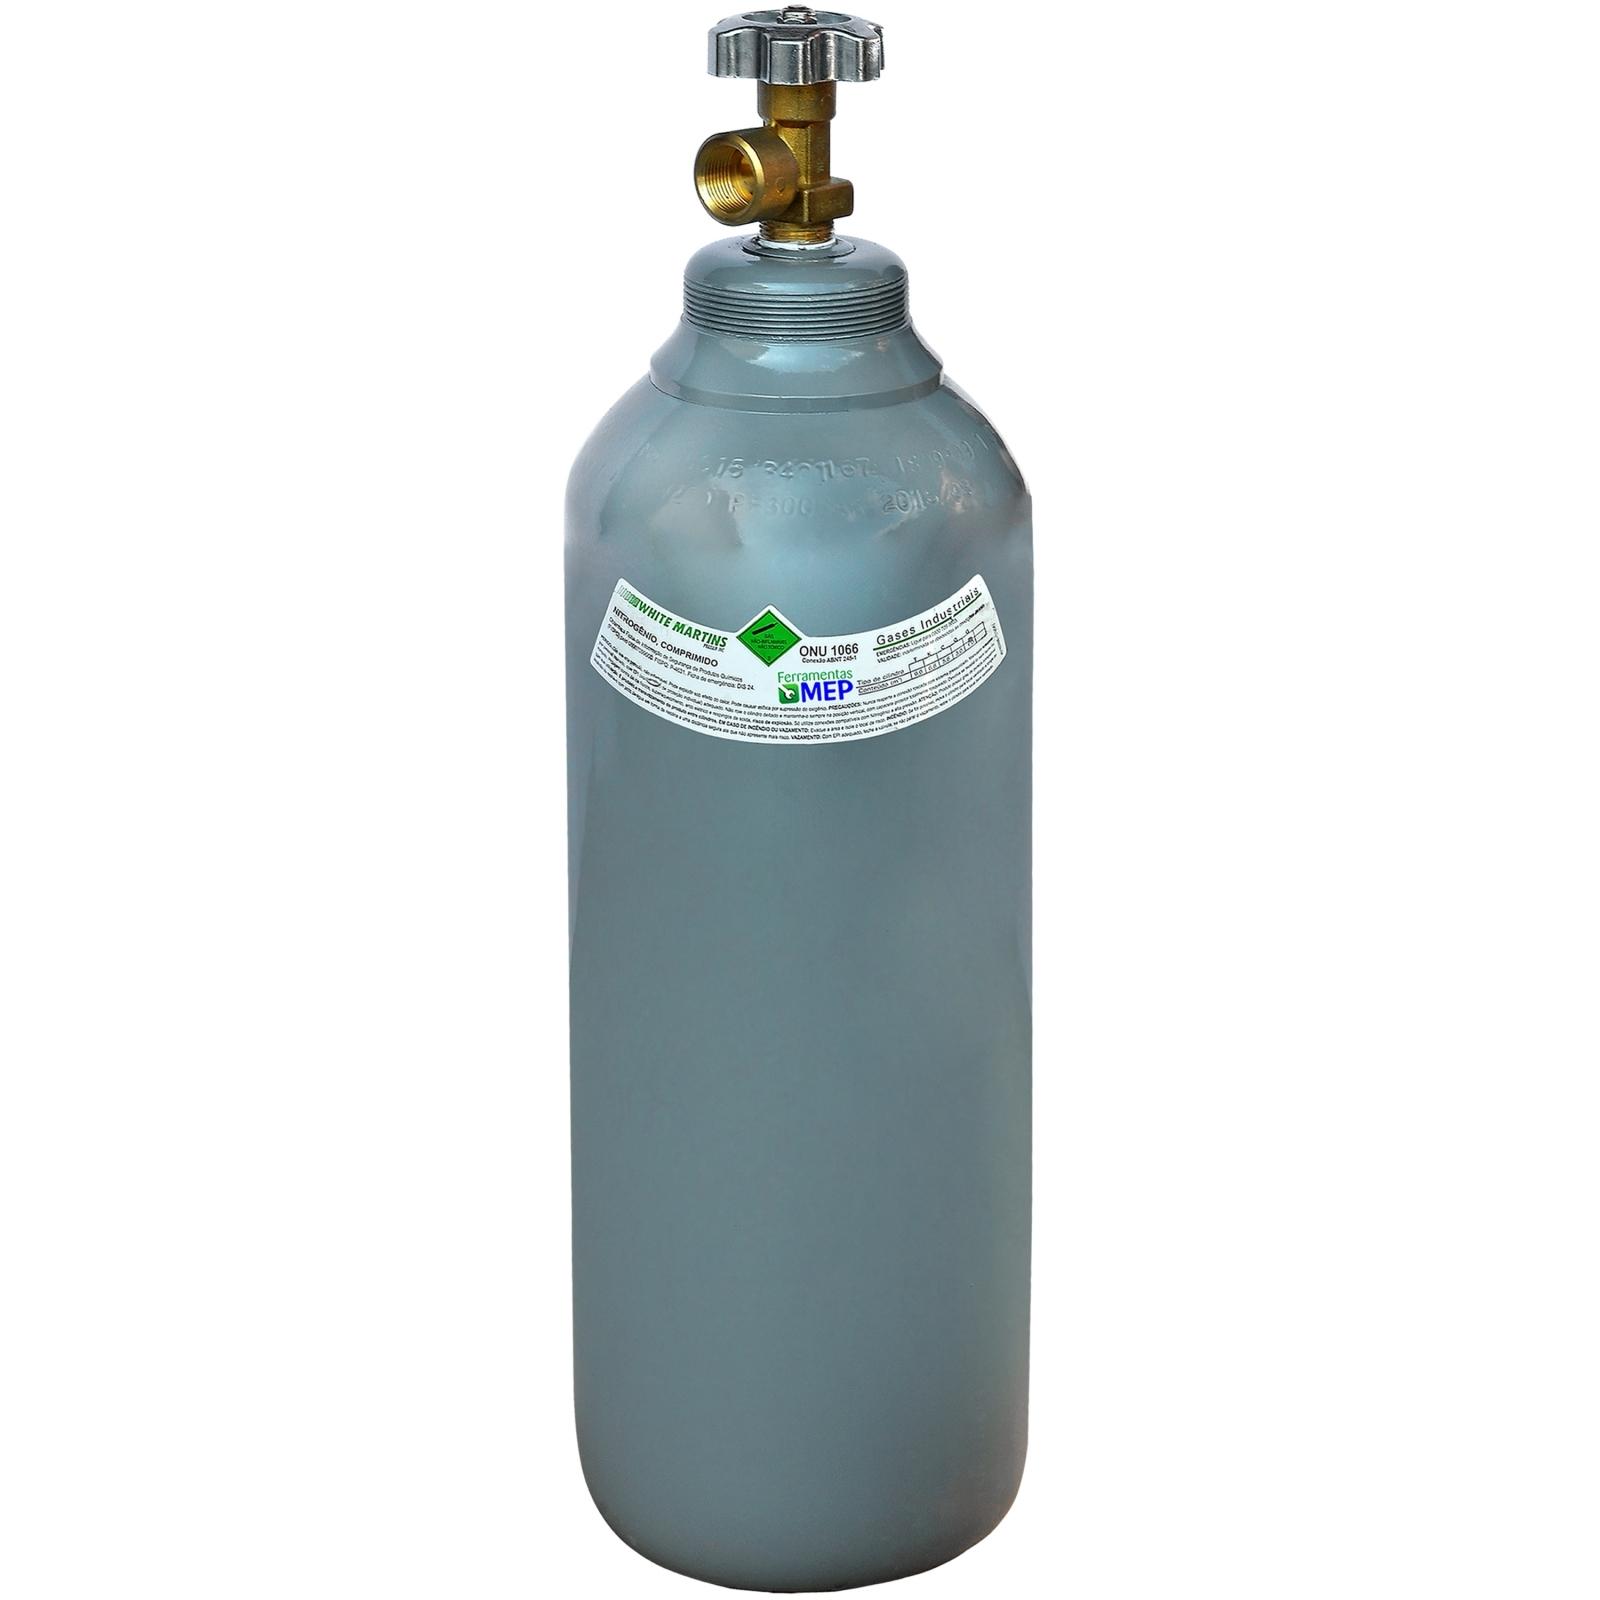 Cilindro de gás  1mt3 7lts Mistura Argônio Nitrogênio Oxigênio - Ferramentas MEP